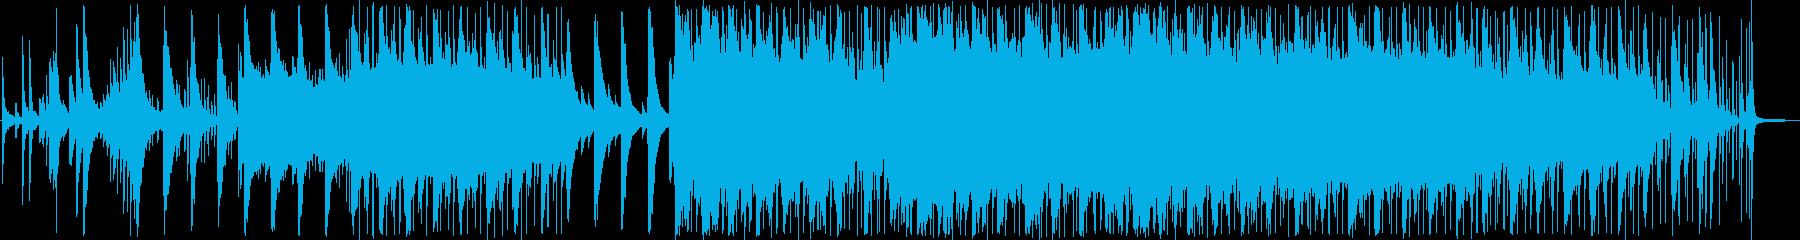 ピアノをメインに、オルガン、ストリング…の再生済みの波形